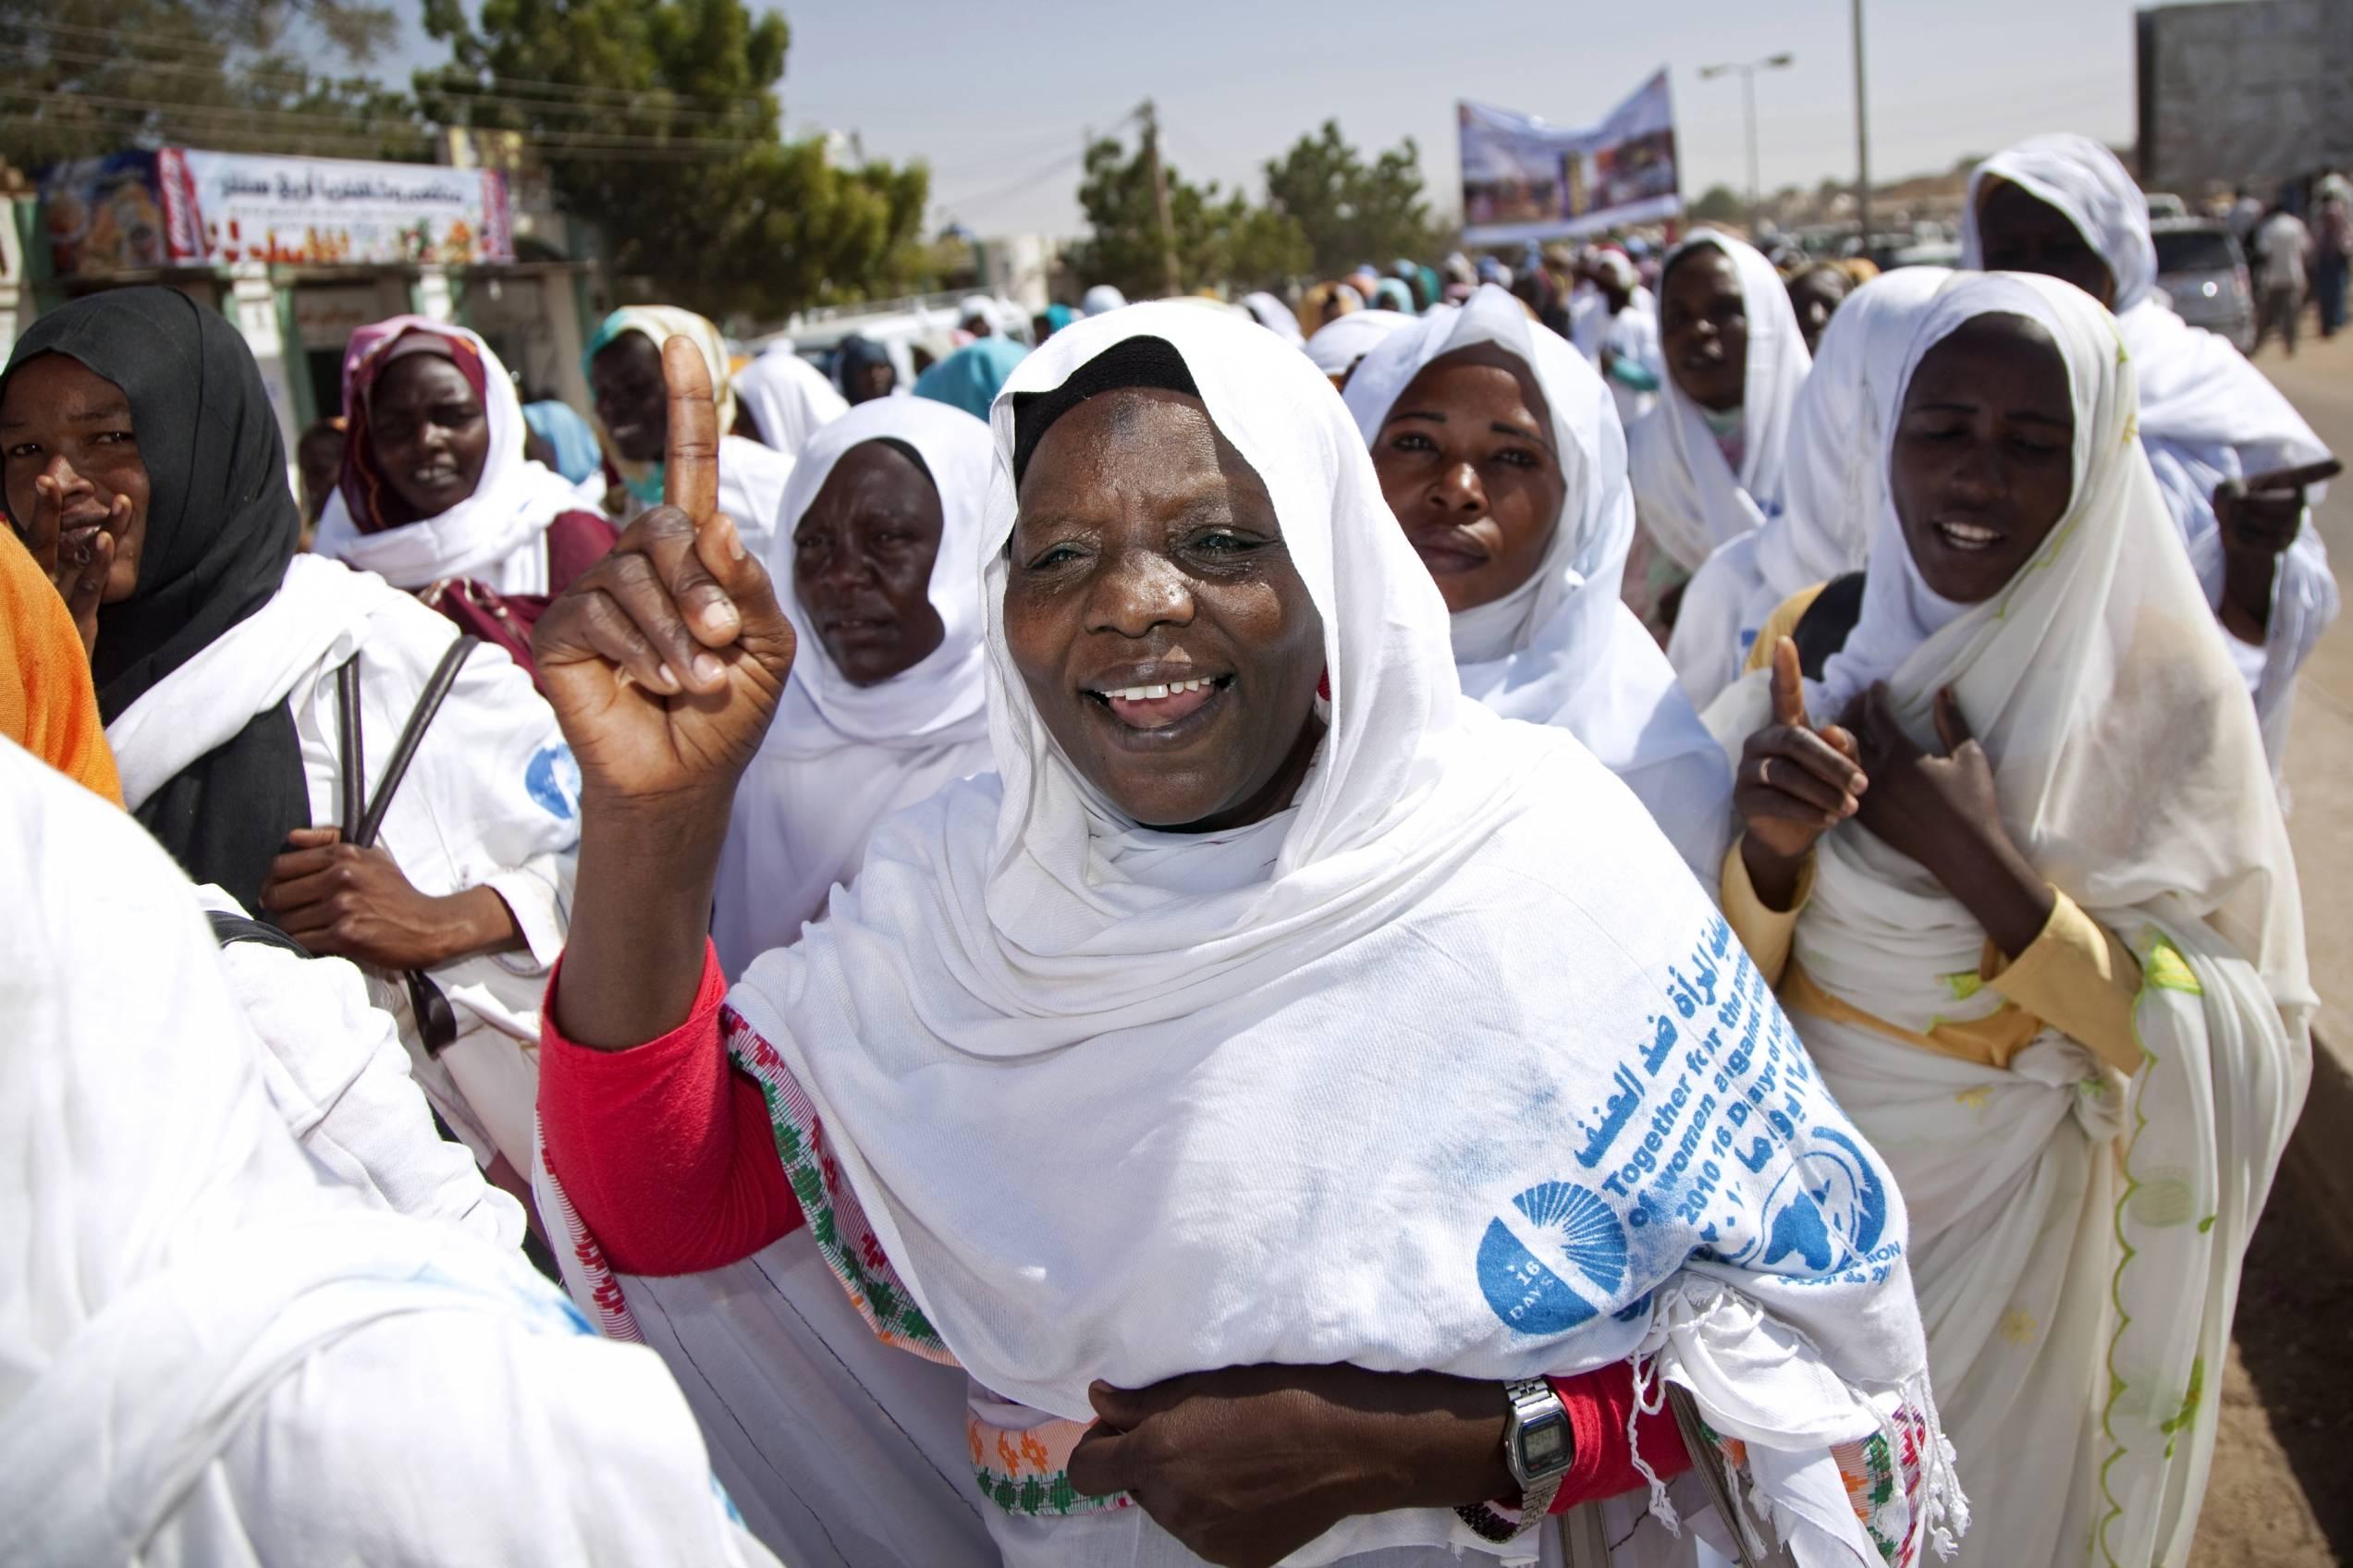 Den internationale dag for afskaffelse af vold mod kvinder